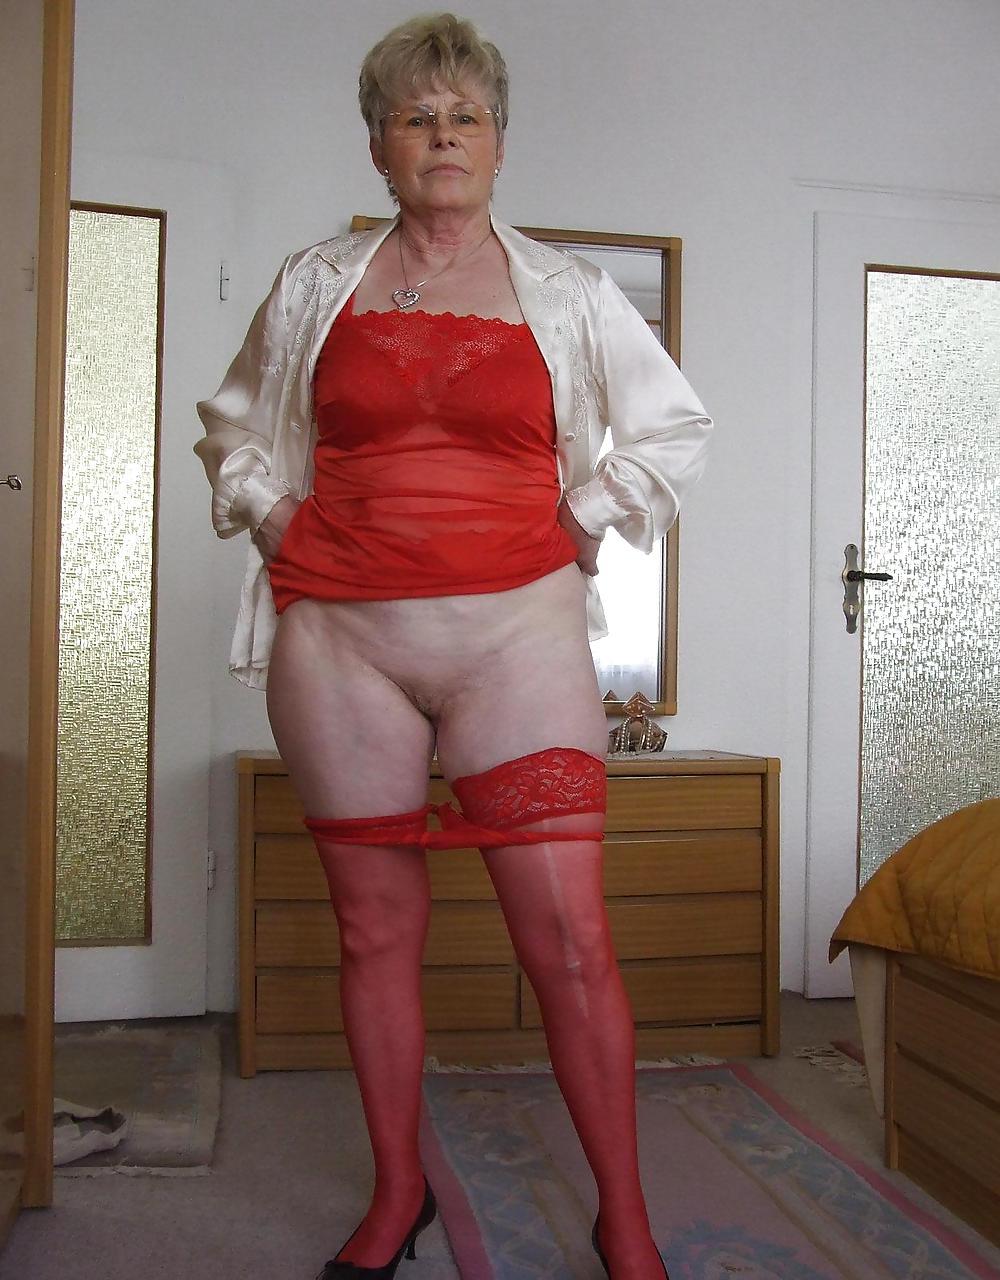 фото старушек без одежды долгу остался